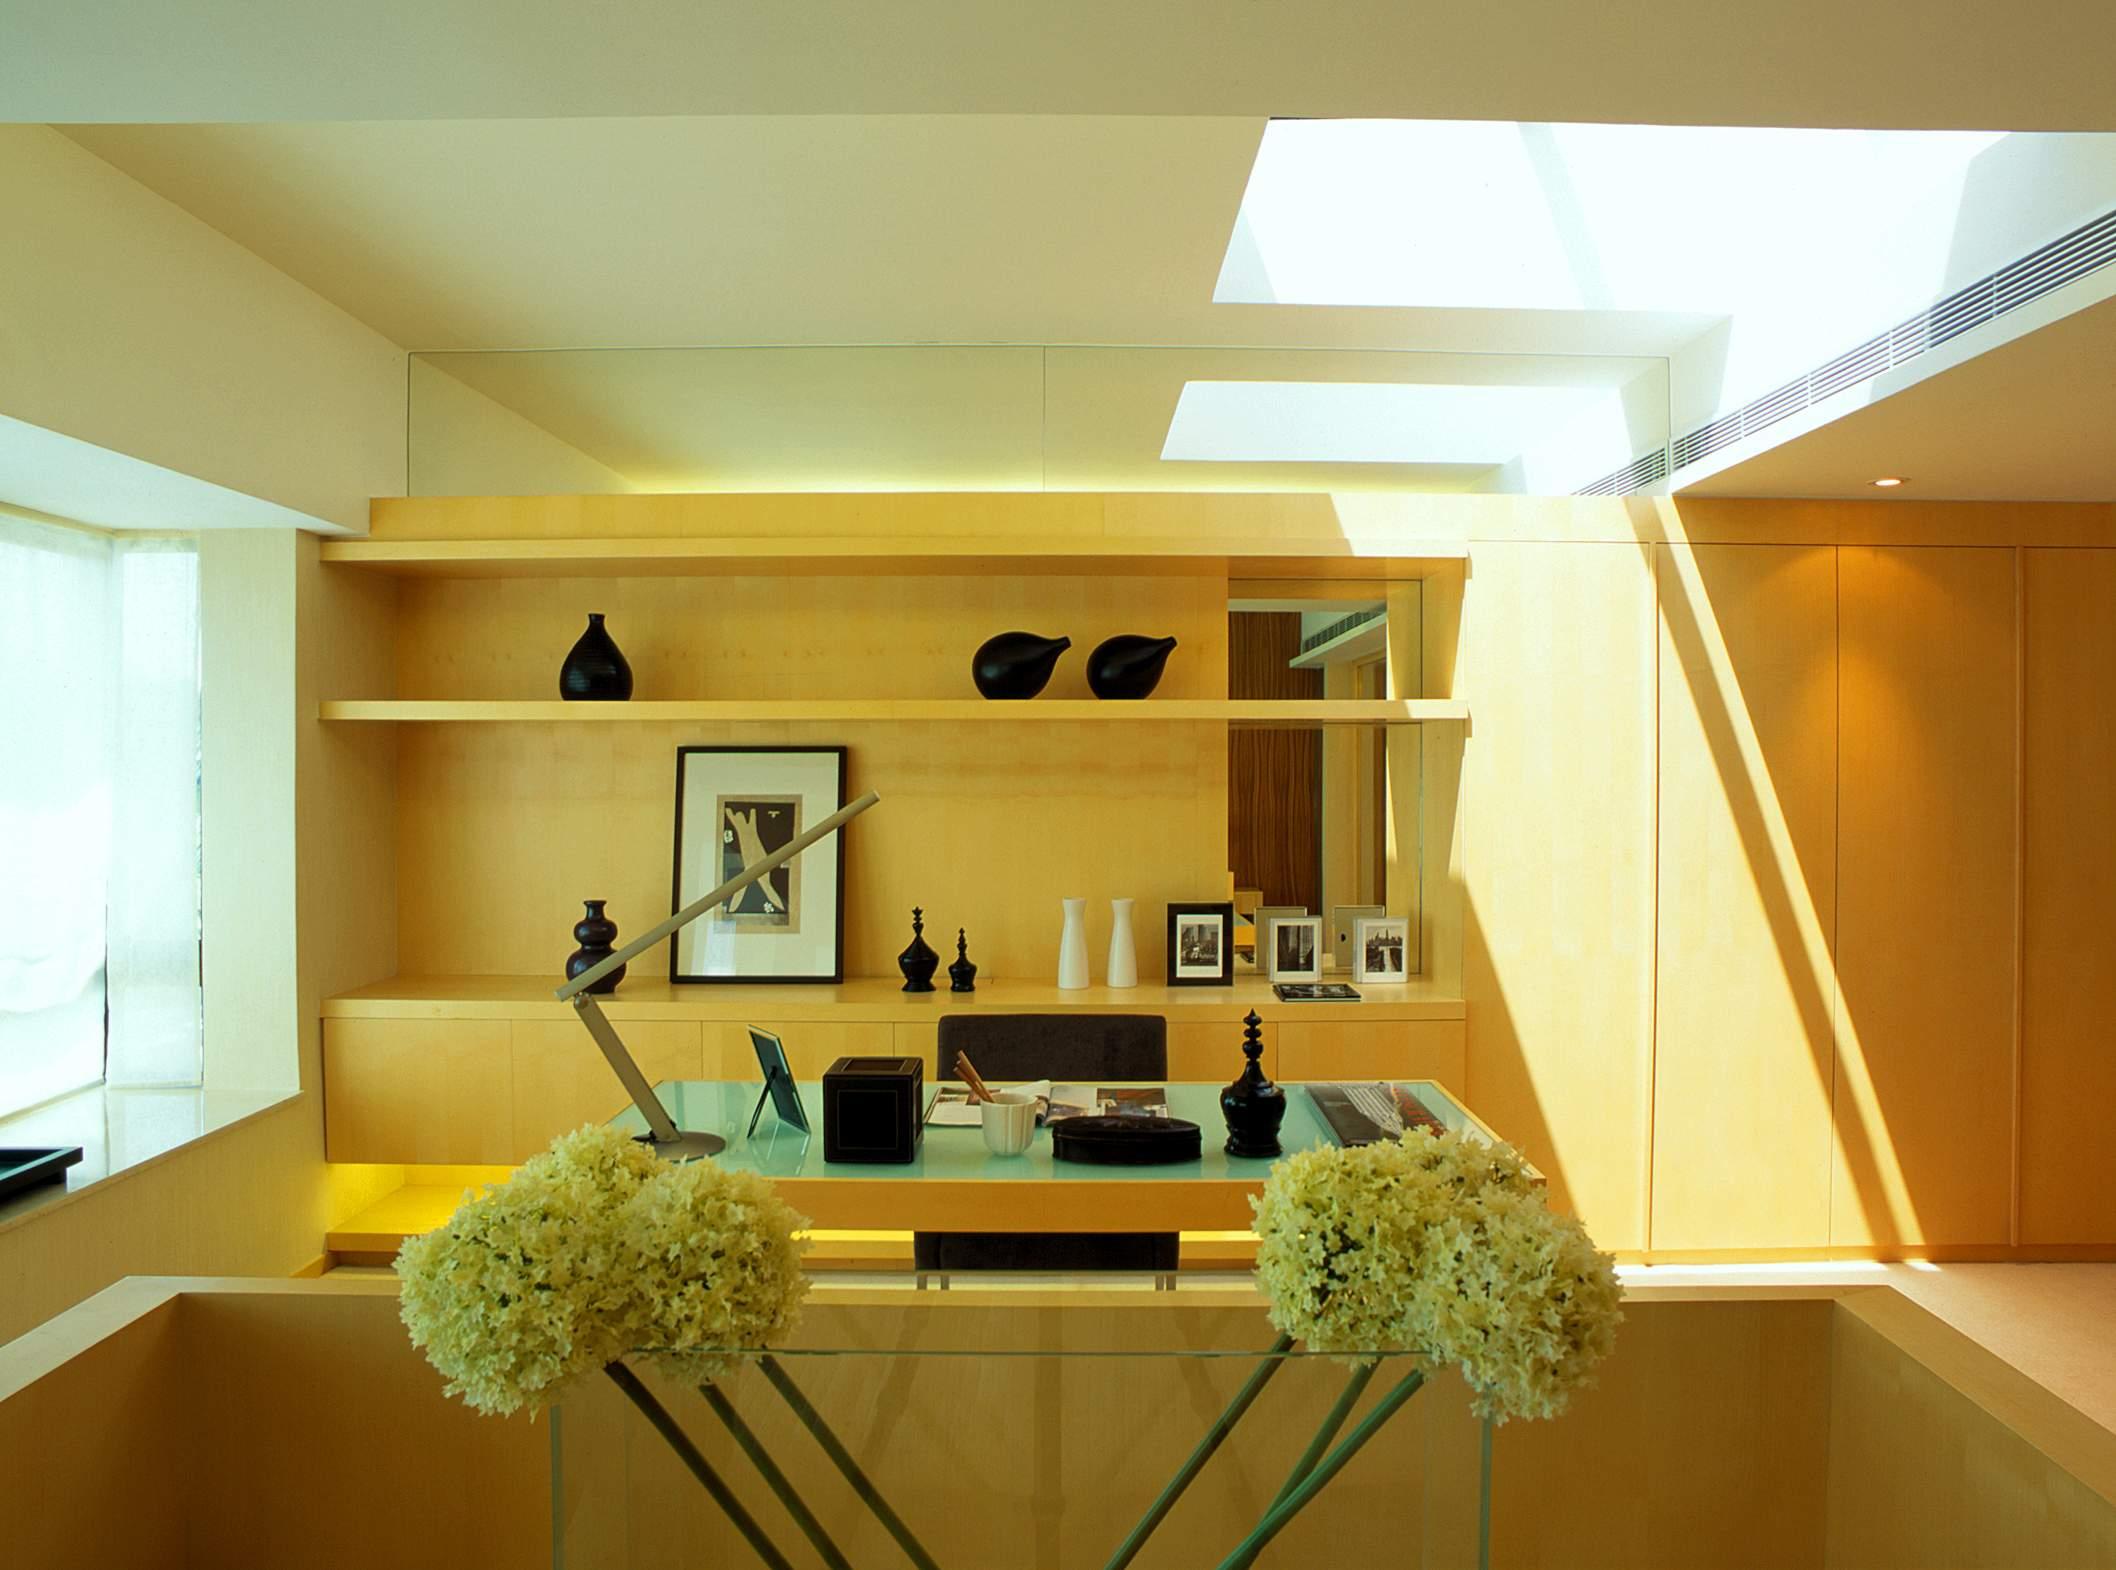 2013现代风格样板房最新书房书柜书架椅子书桌家具装修效果高清图片